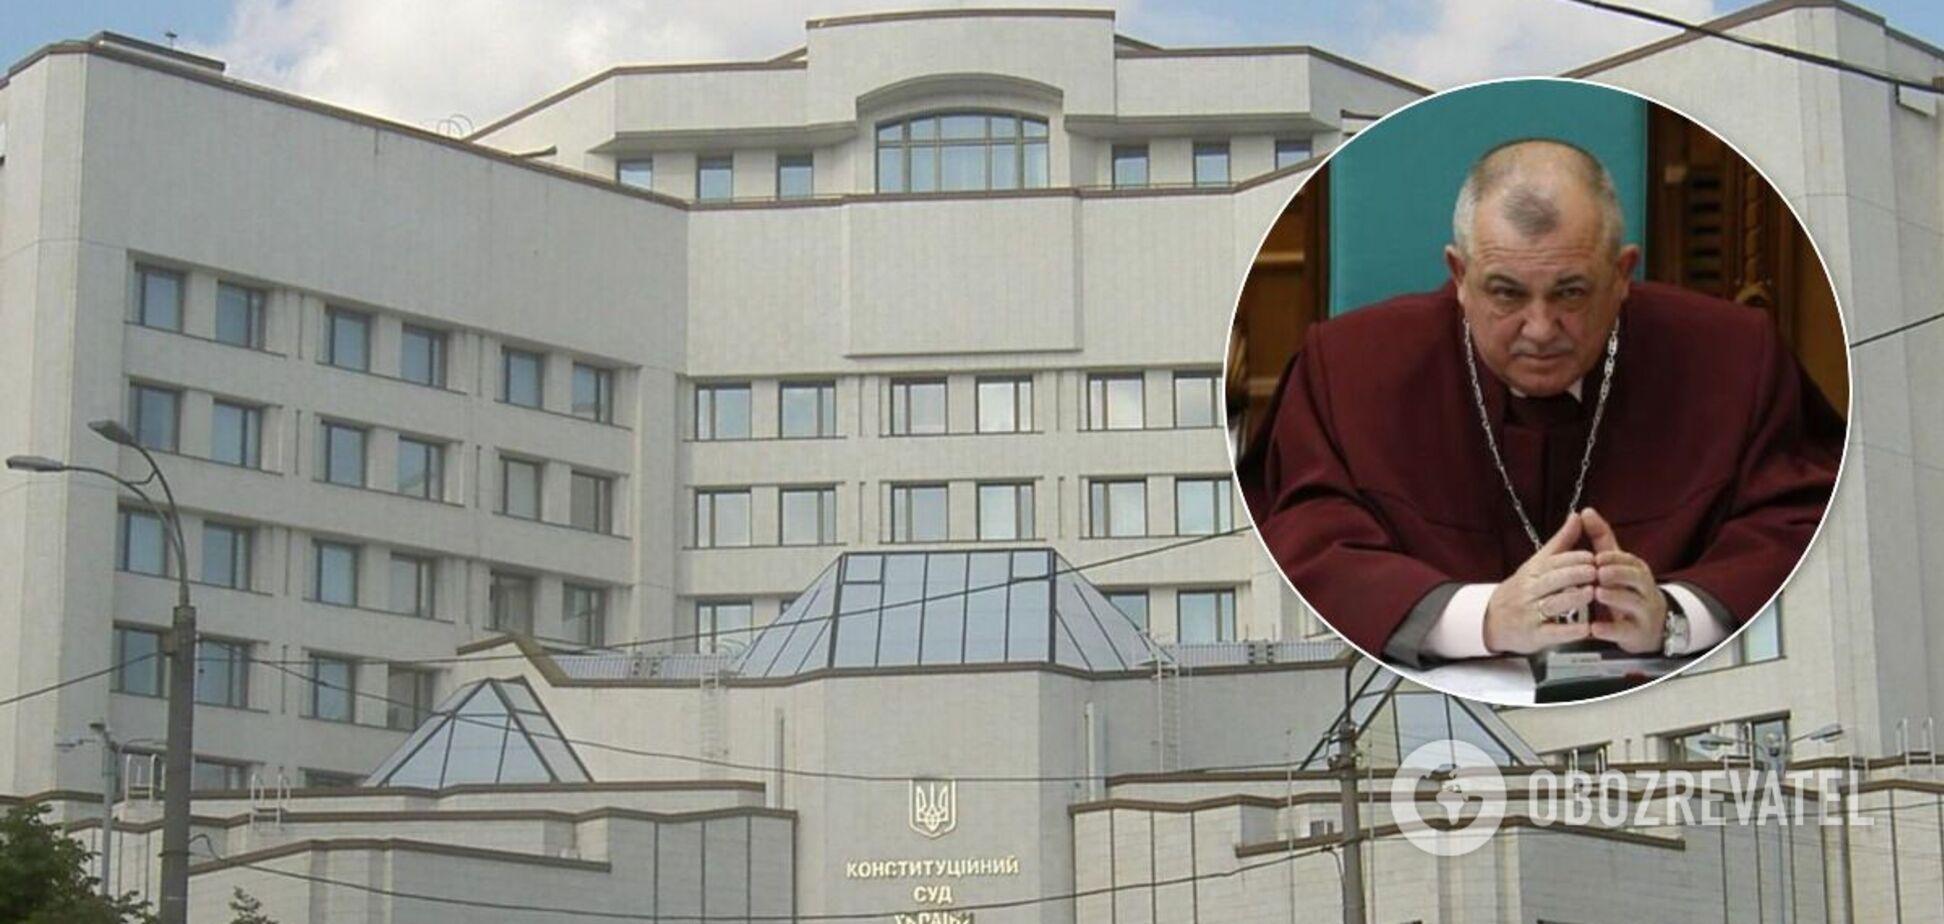 Суддя КСУ Мойсик висловив загальну позицію суду щодо виходу з кризи